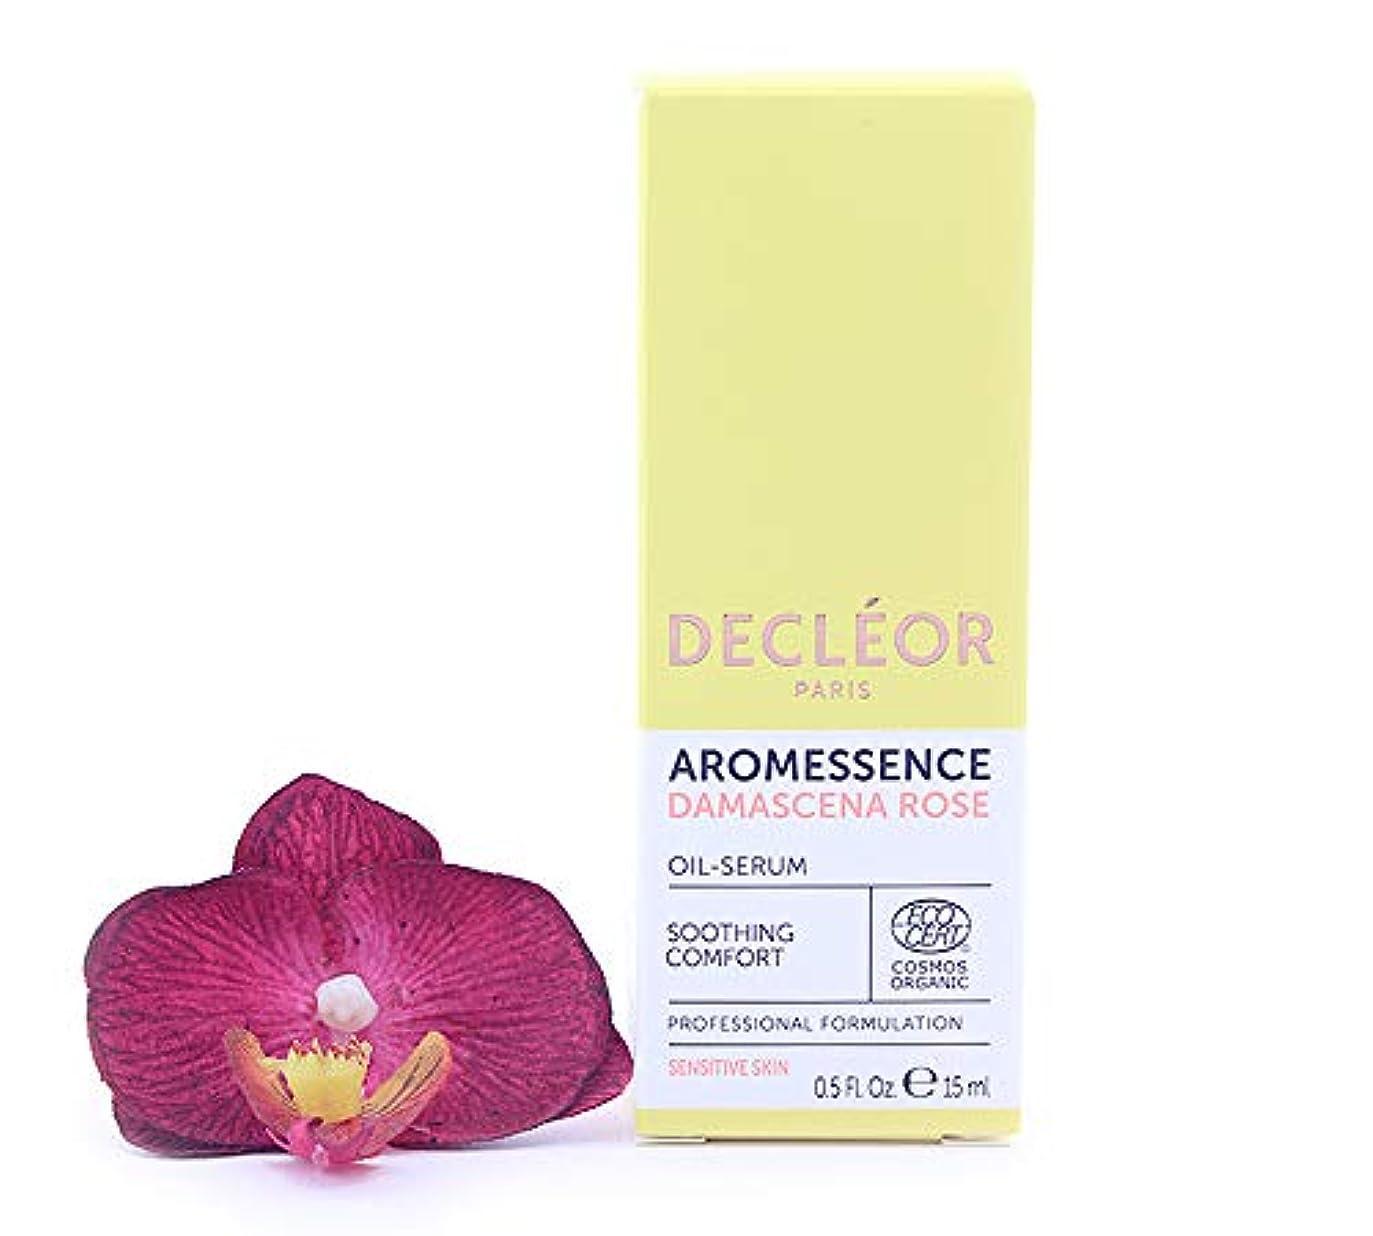 フラスコ調停する引き出しデクレオール Aromessence Rose D'Orient (Damascena Rose) Soothing Comfort Oil Serum 15ml/0.5oz並行輸入品